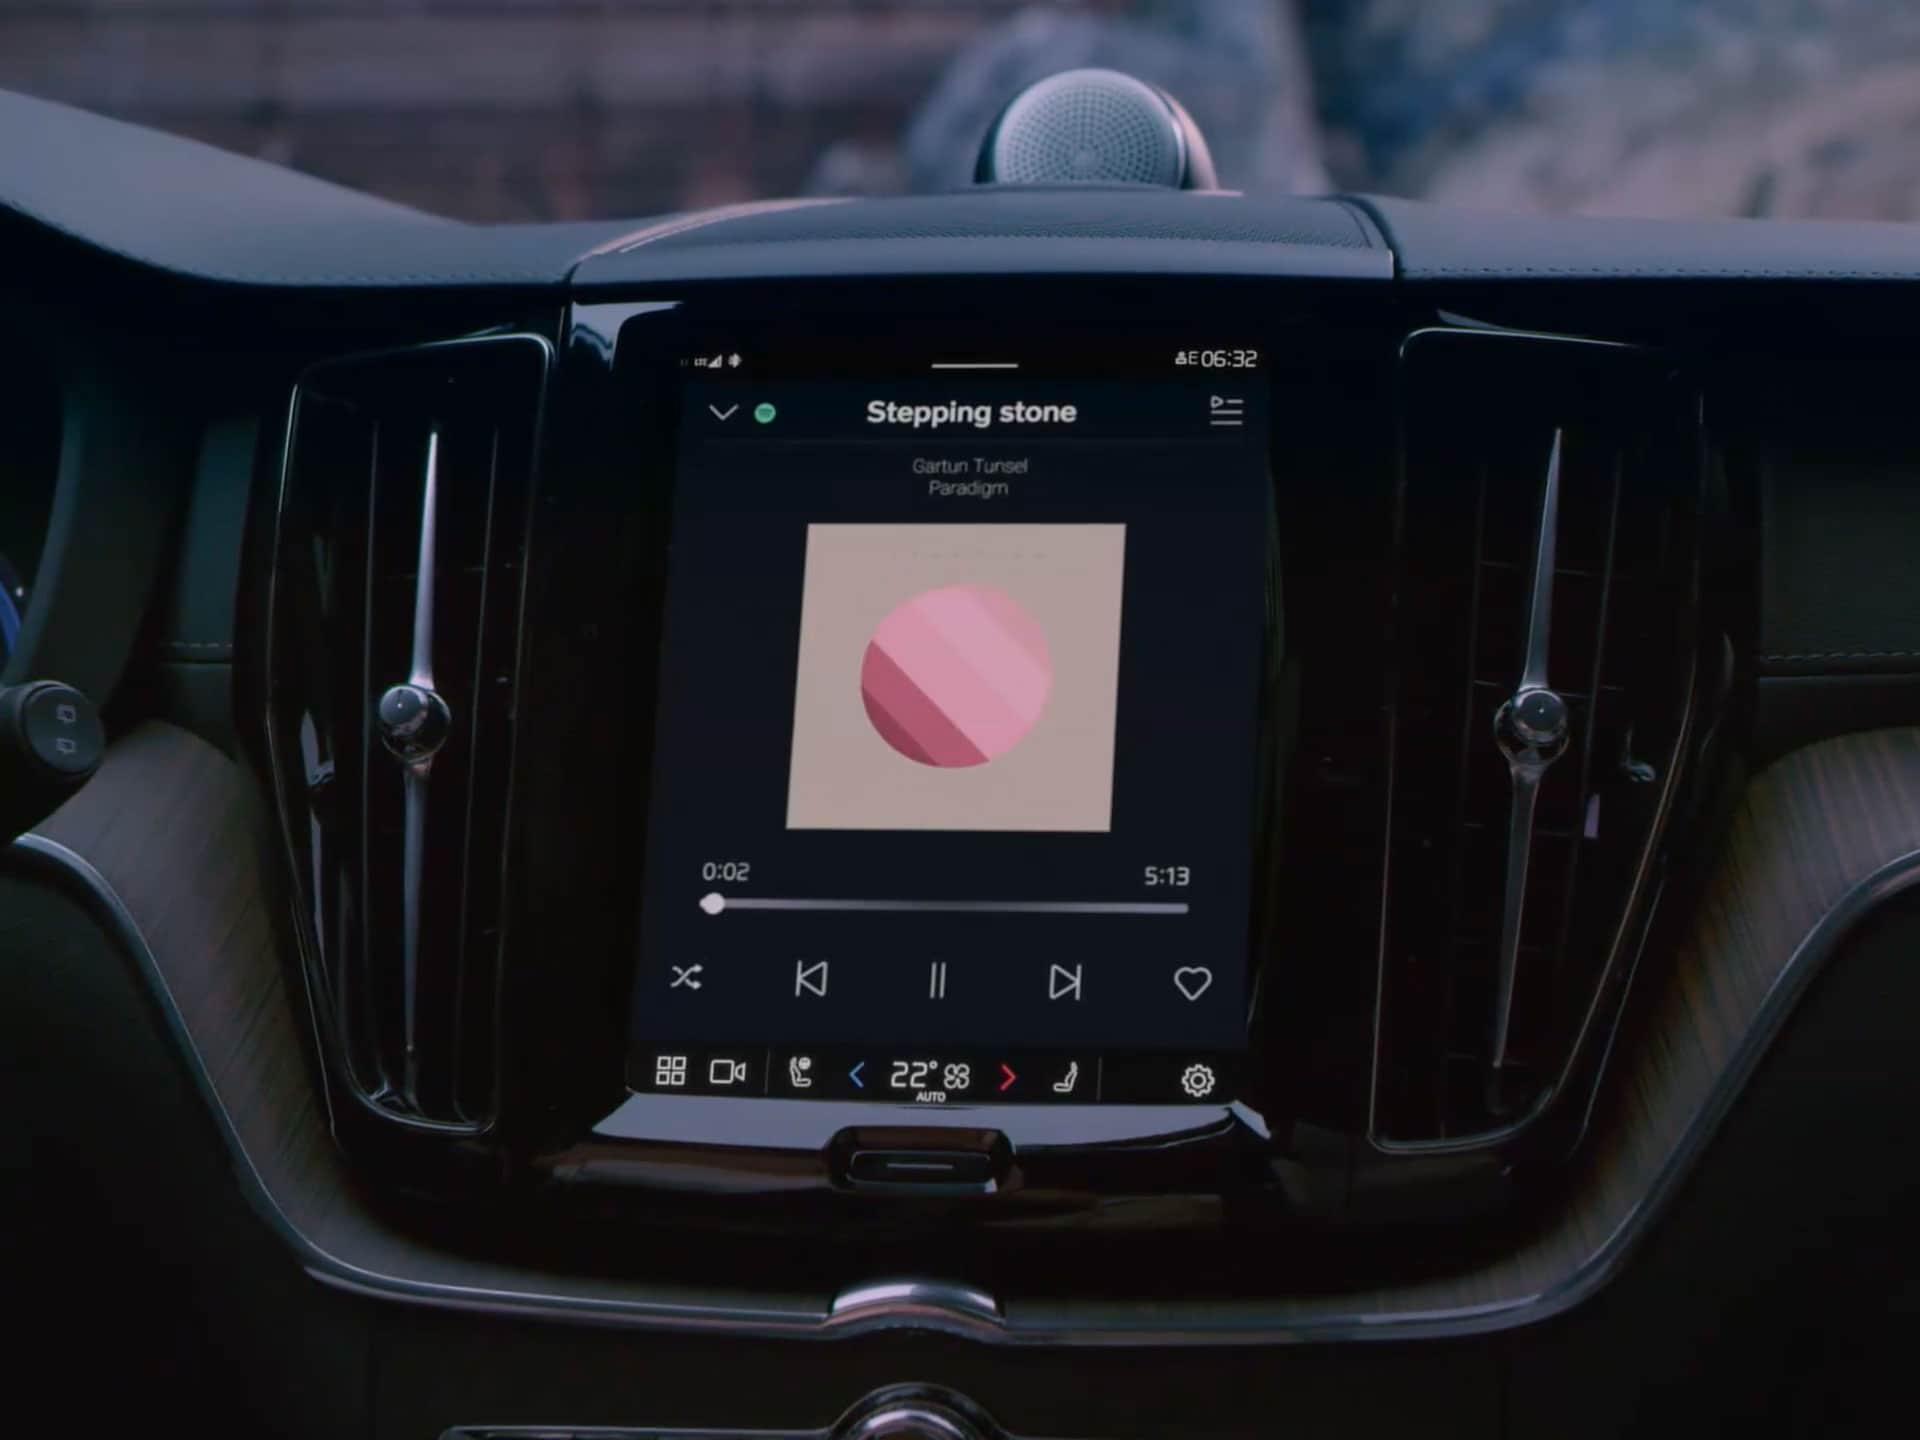 Commande vocale grâce à Google Assistant dans un Volvo XC60.